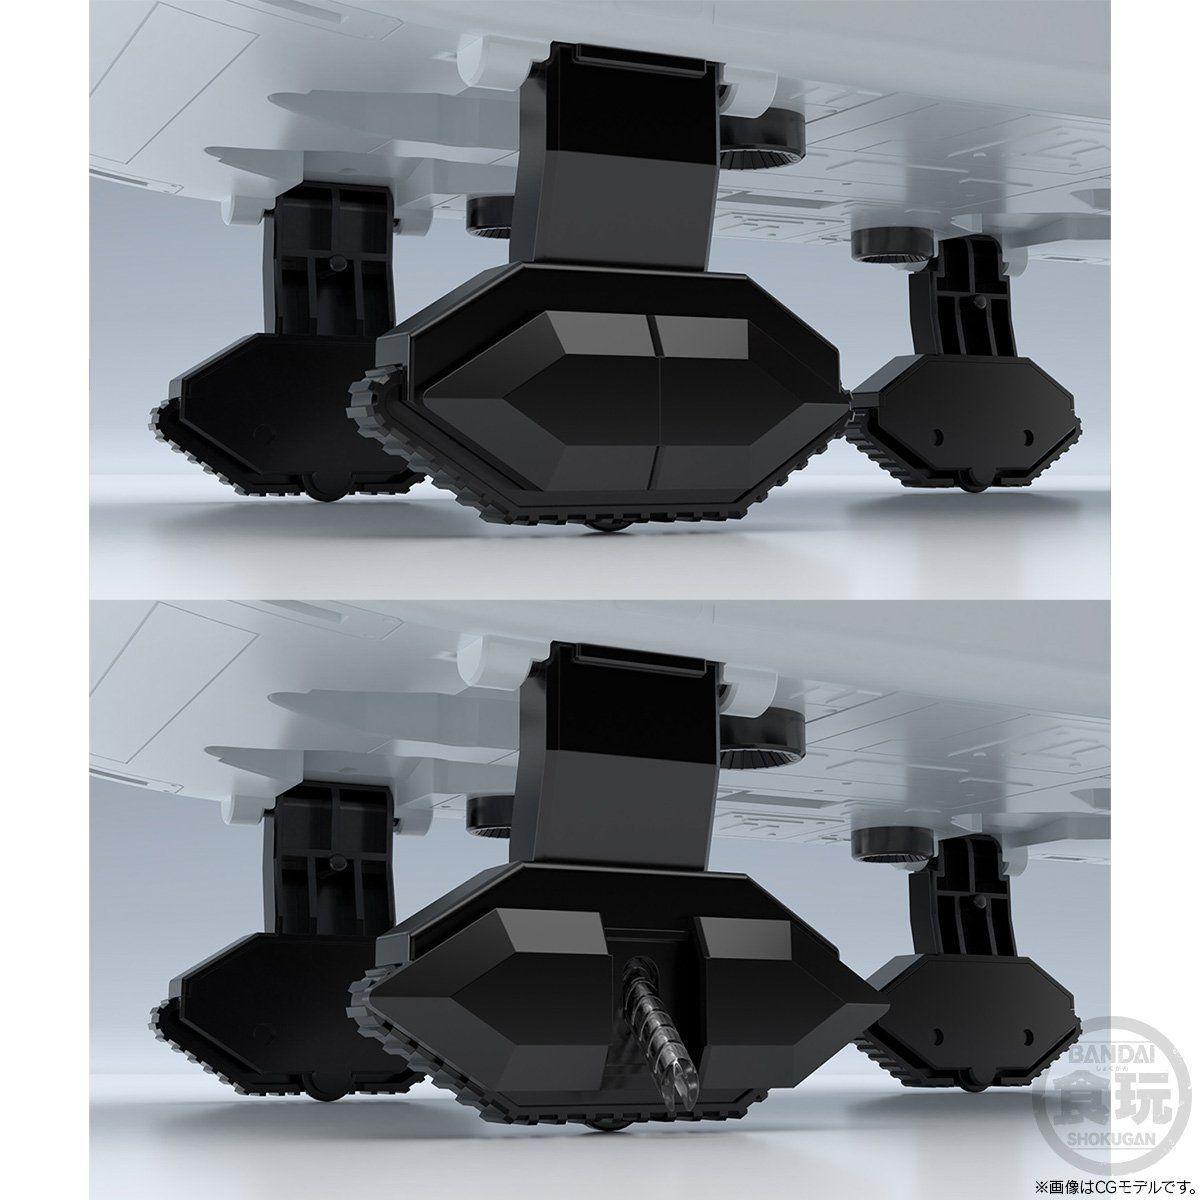 【食玩】スーパーミニプラ『電子合体 バイオロボ』超電子バイオマン 2個入りBOX-012